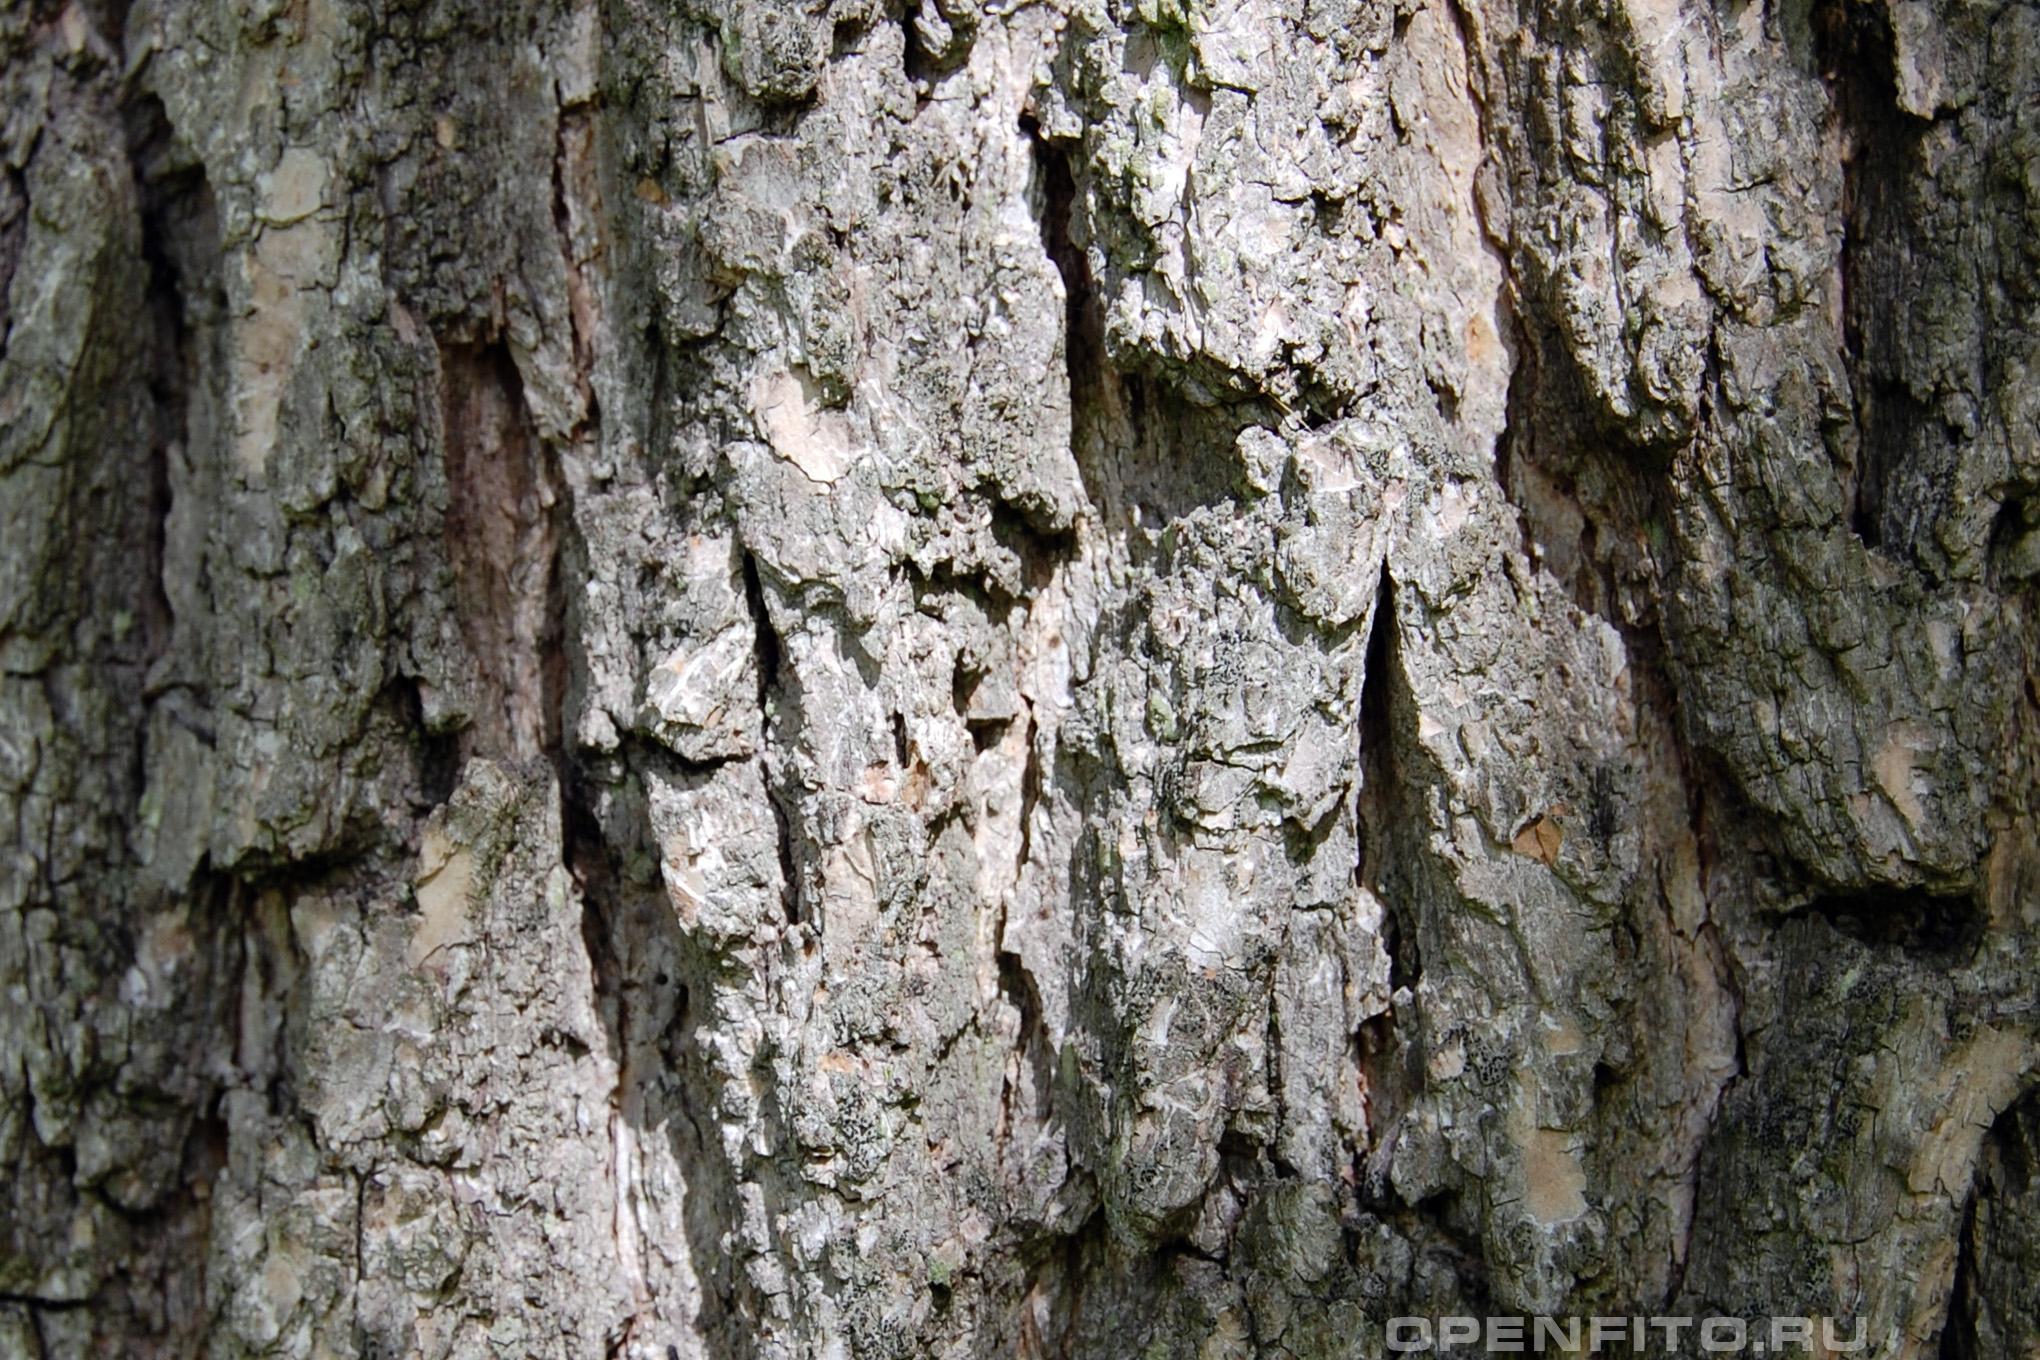 Ясень обыкновенный кора взрослого дерева